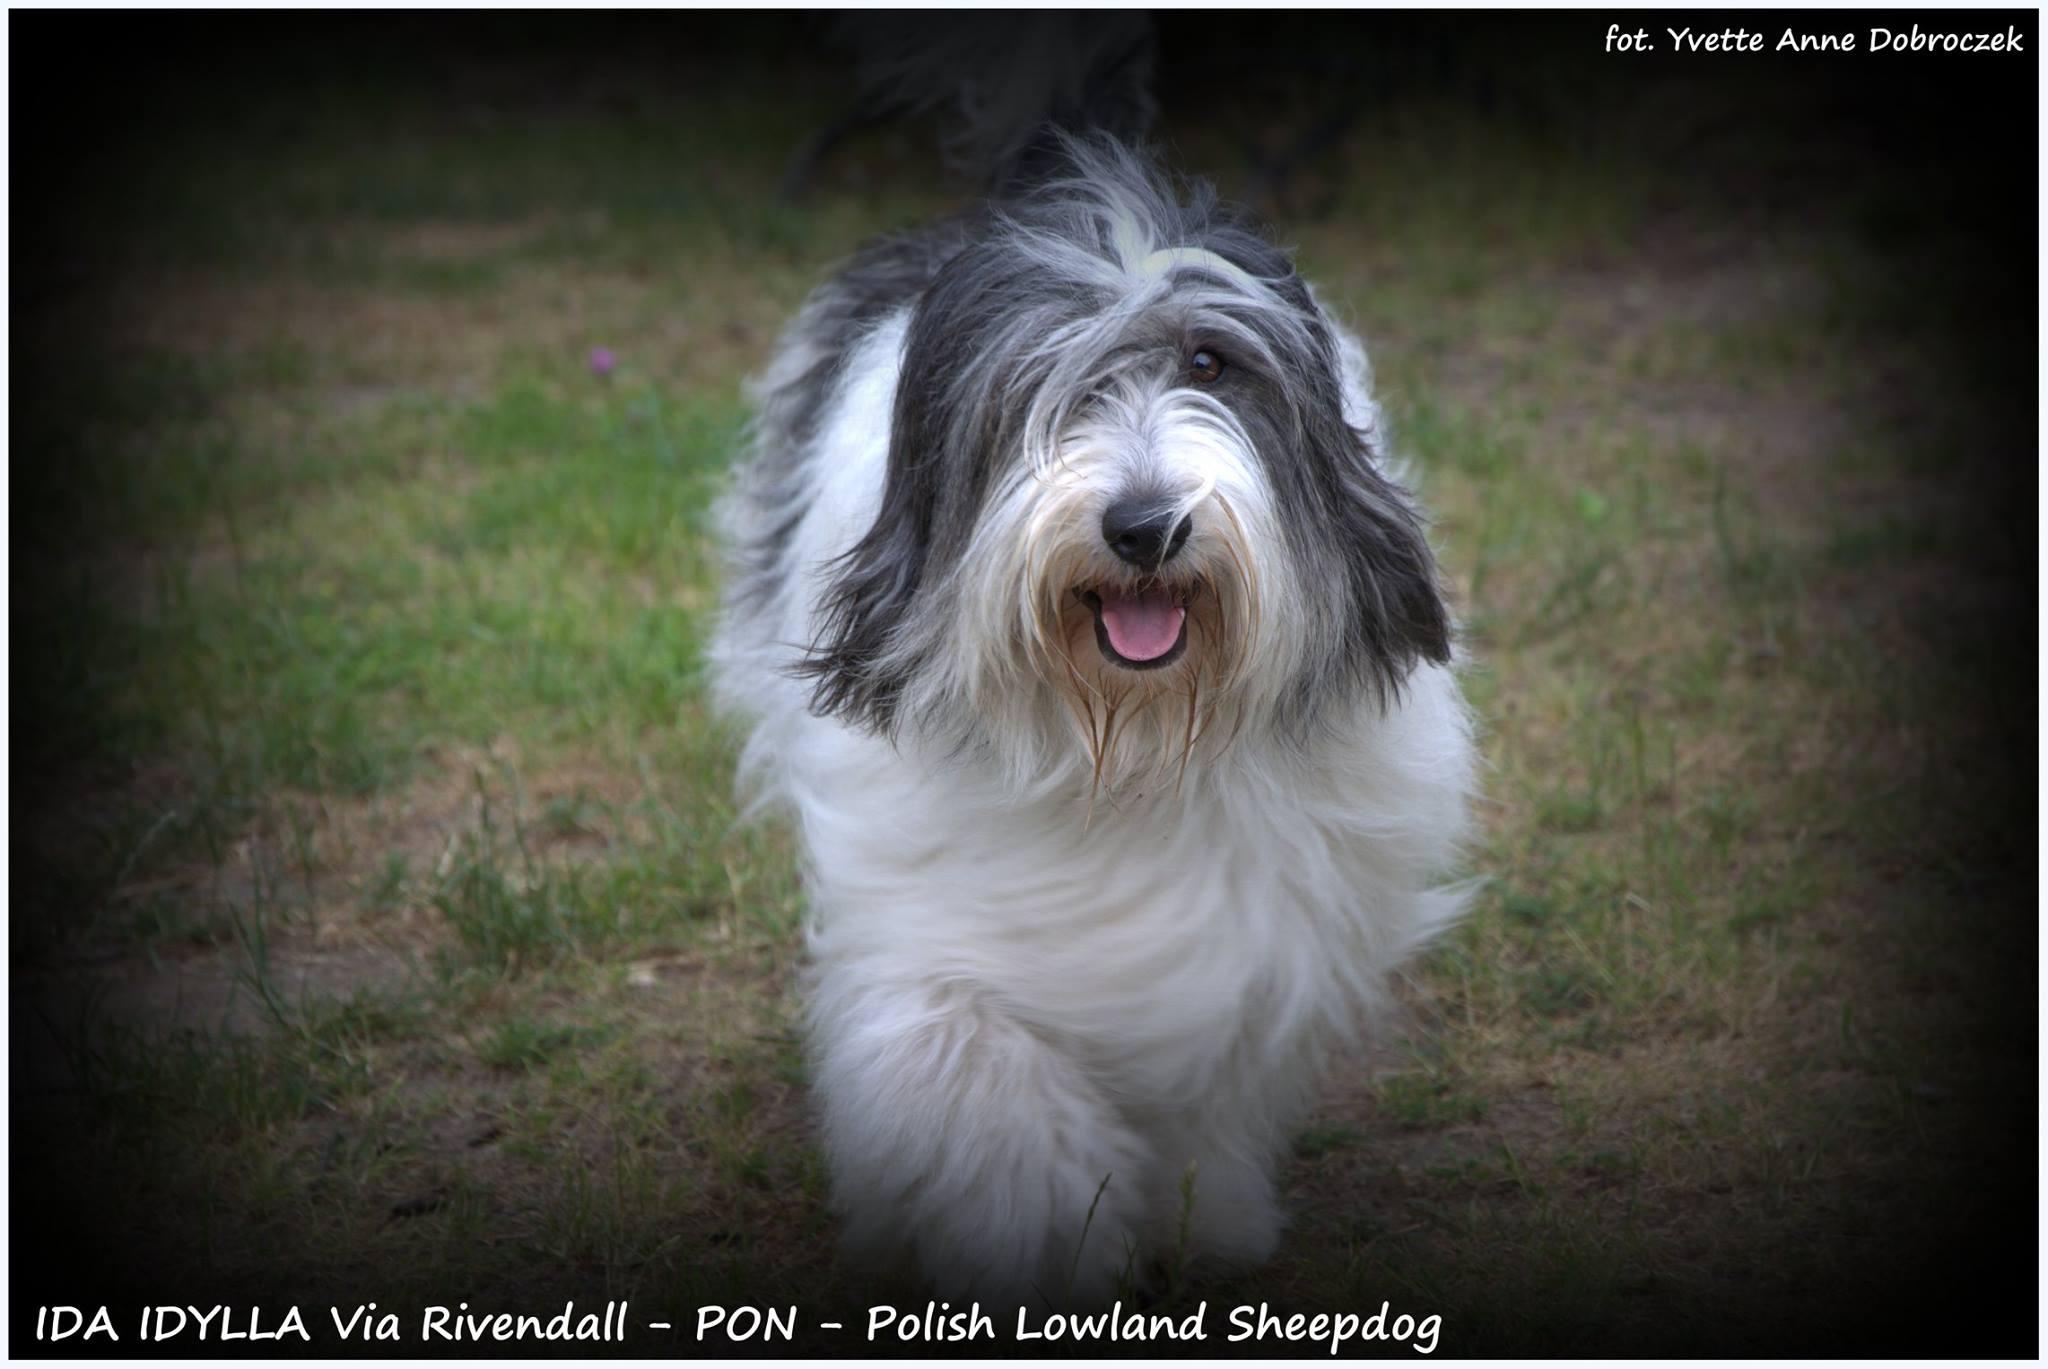 Radosny PON - rozwiany włos, uśmiech na pyszczku czyli IDA na spacerze :) - Szczenięta Yvette Dobroczek